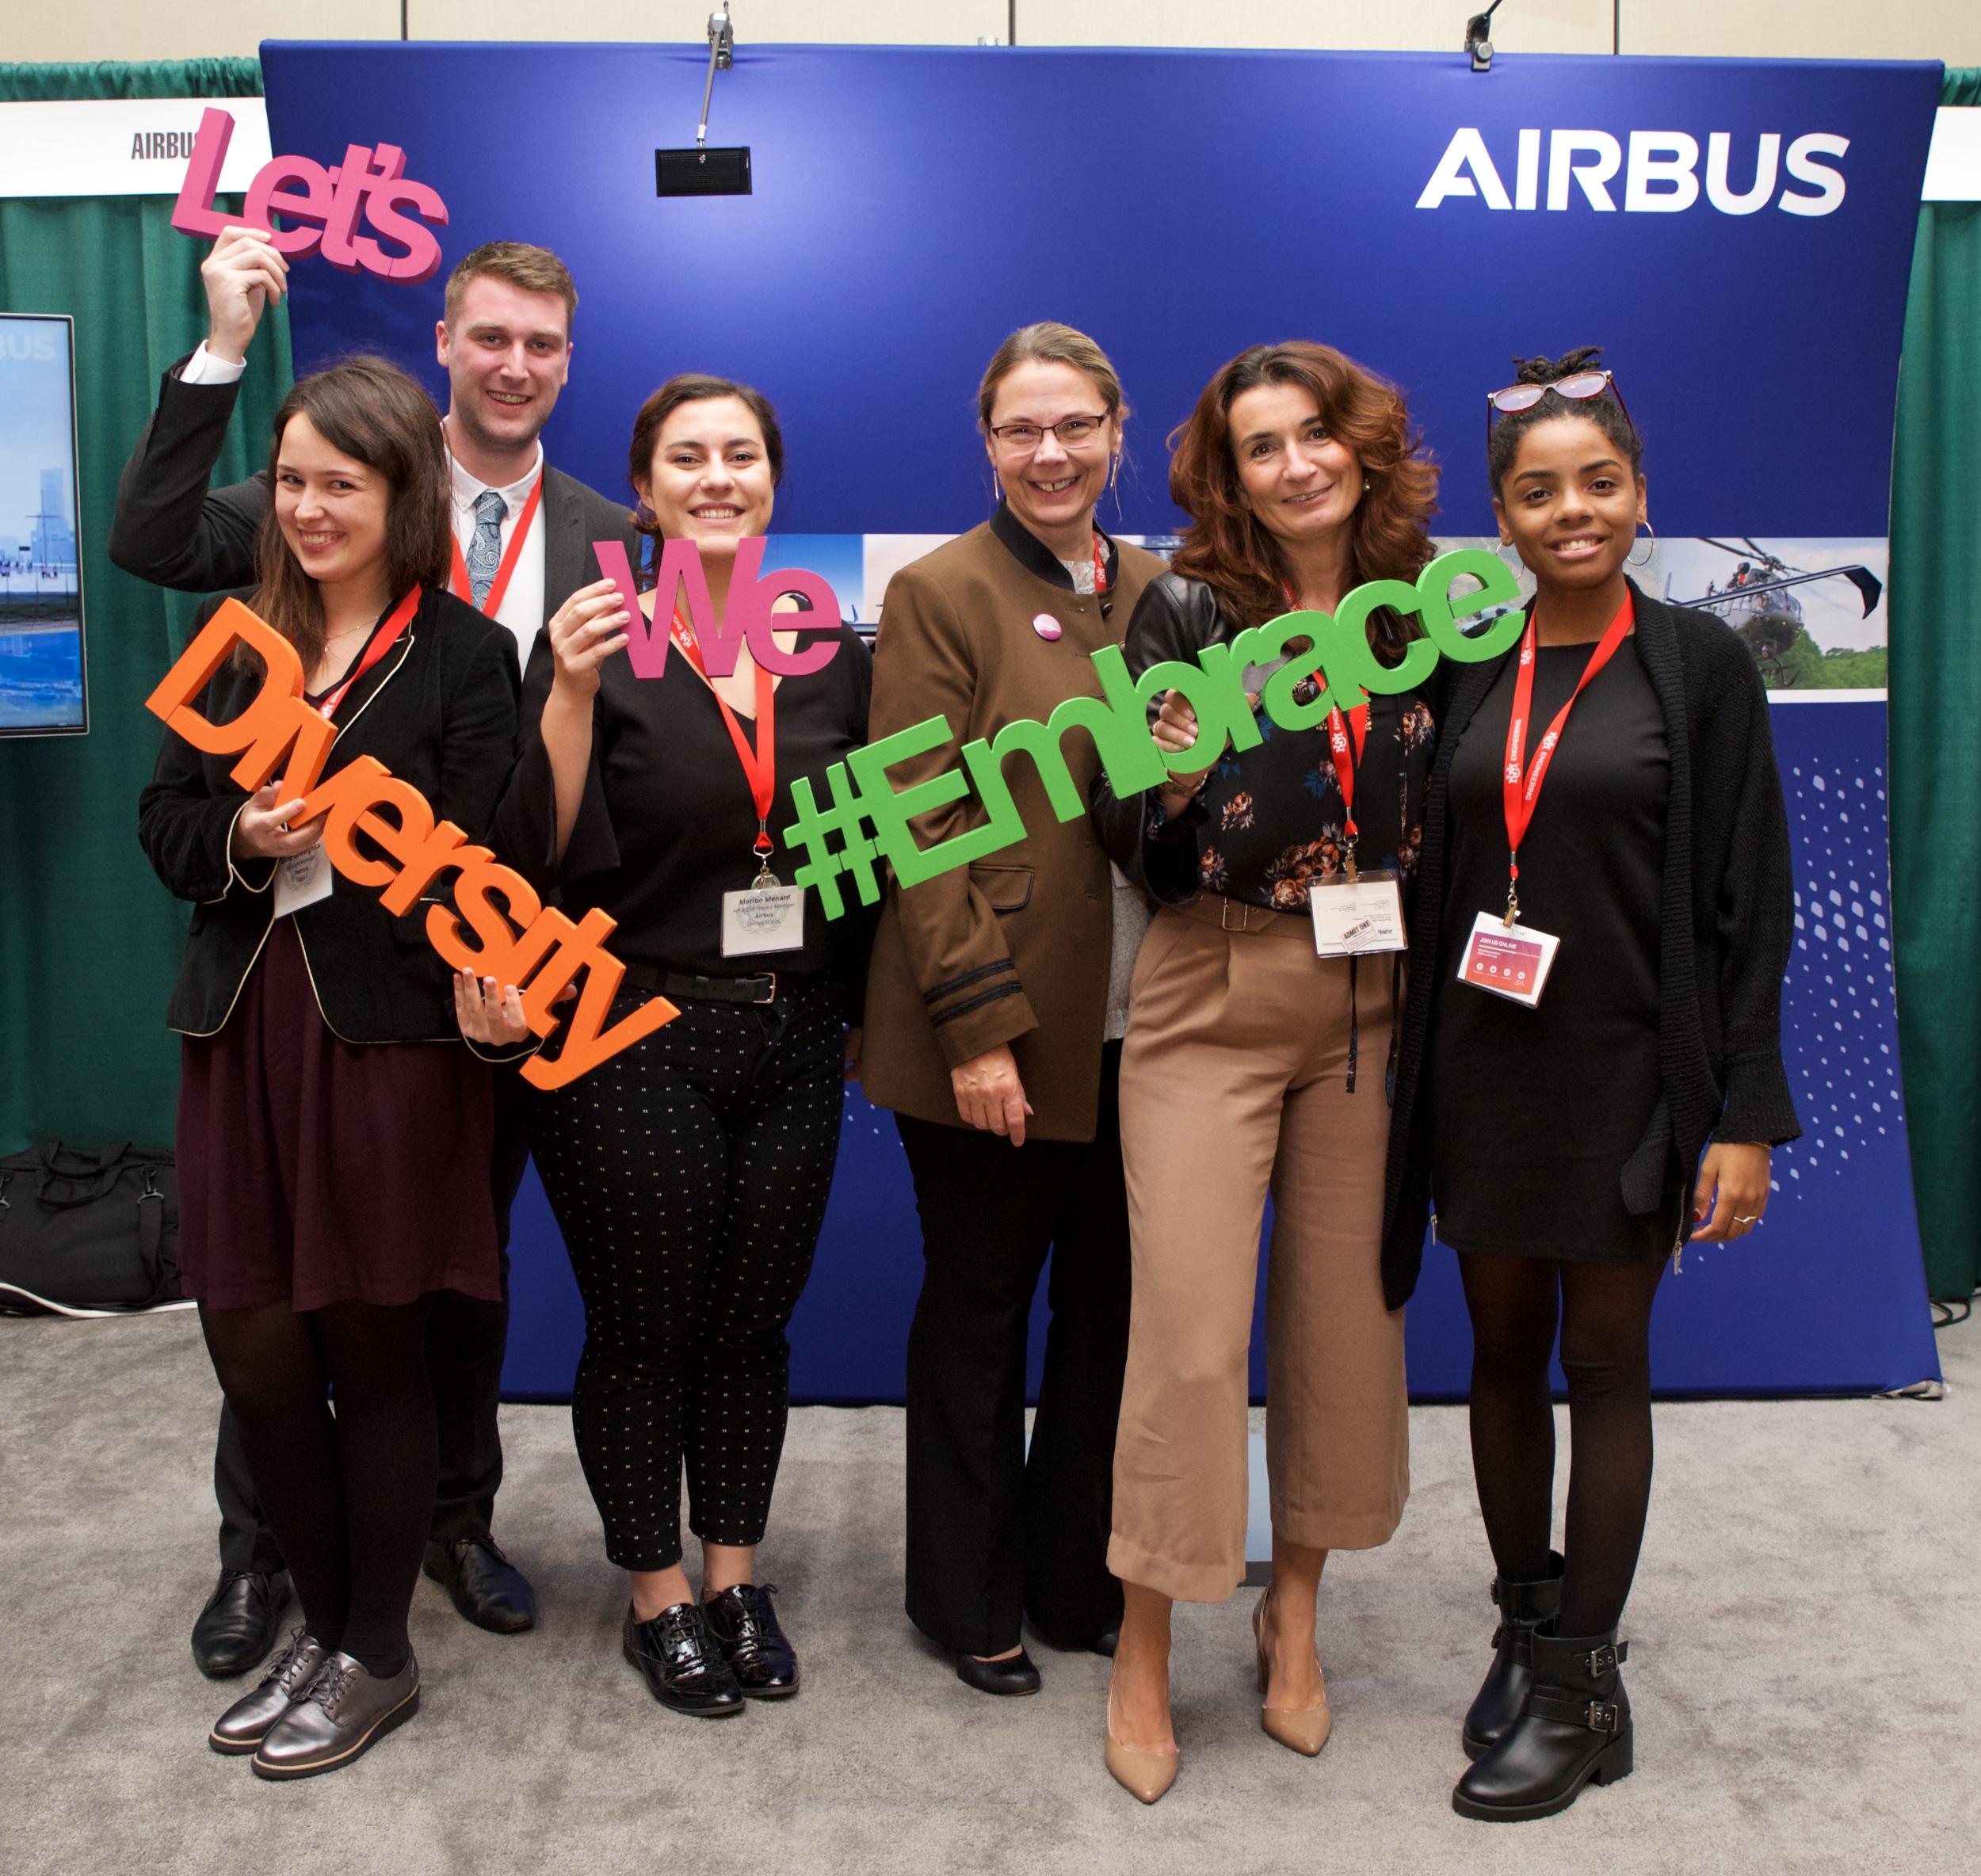 airbus-11-13-2018-abq-112234.jpg